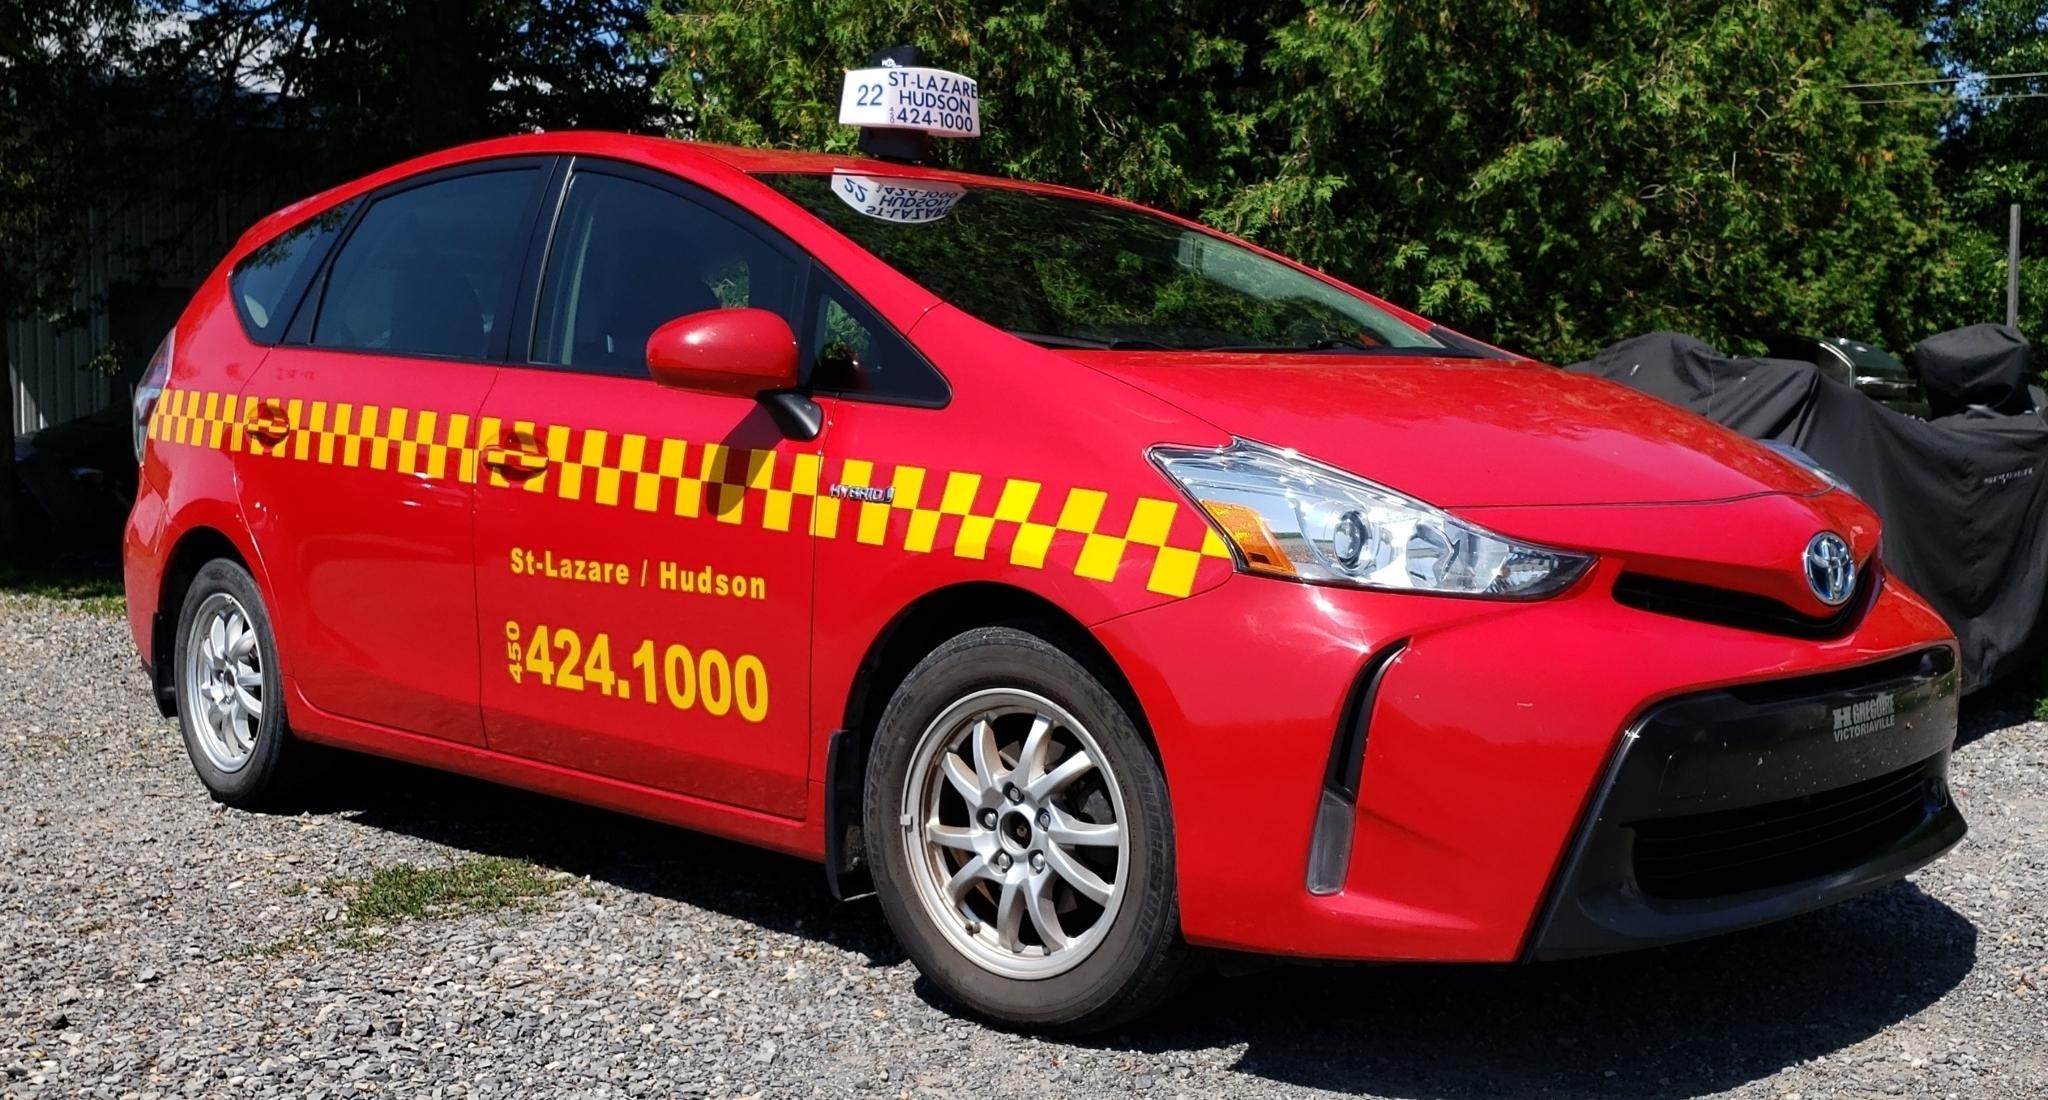 Taxi Saint-Lazare Hudson à Saint-Lazare